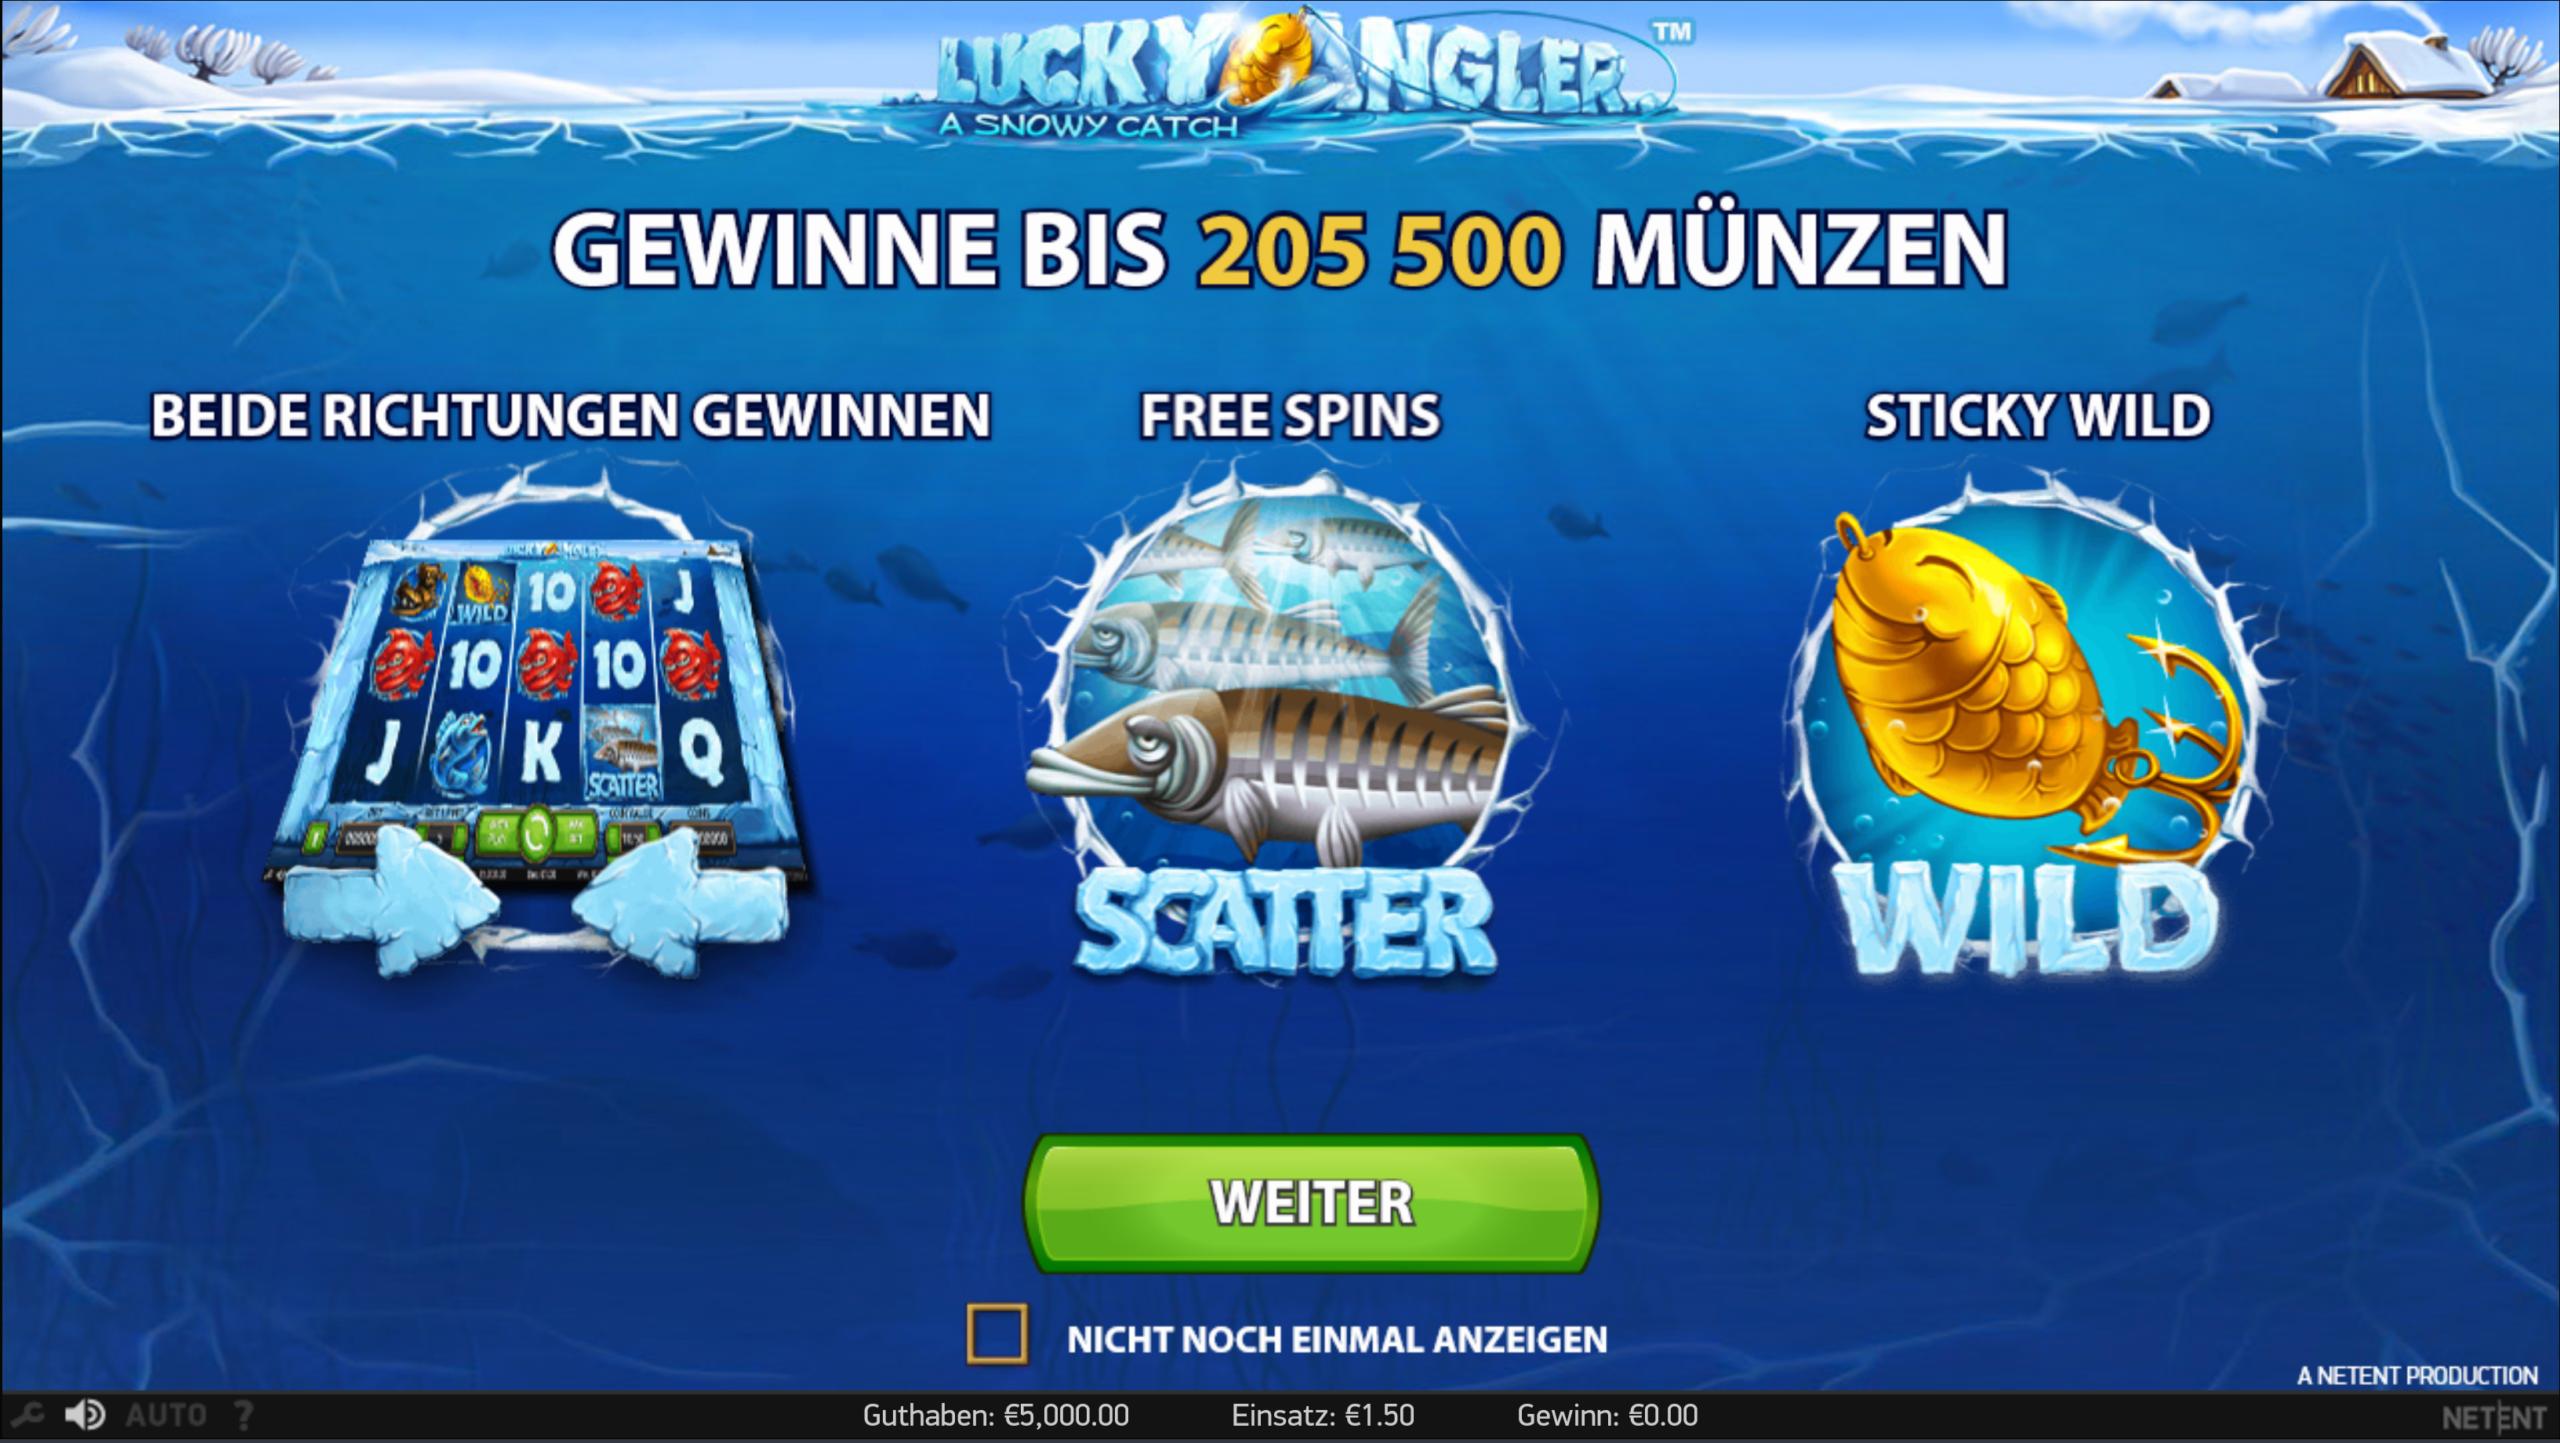 Casino Spielen Mit Echtem Geld - Spatial